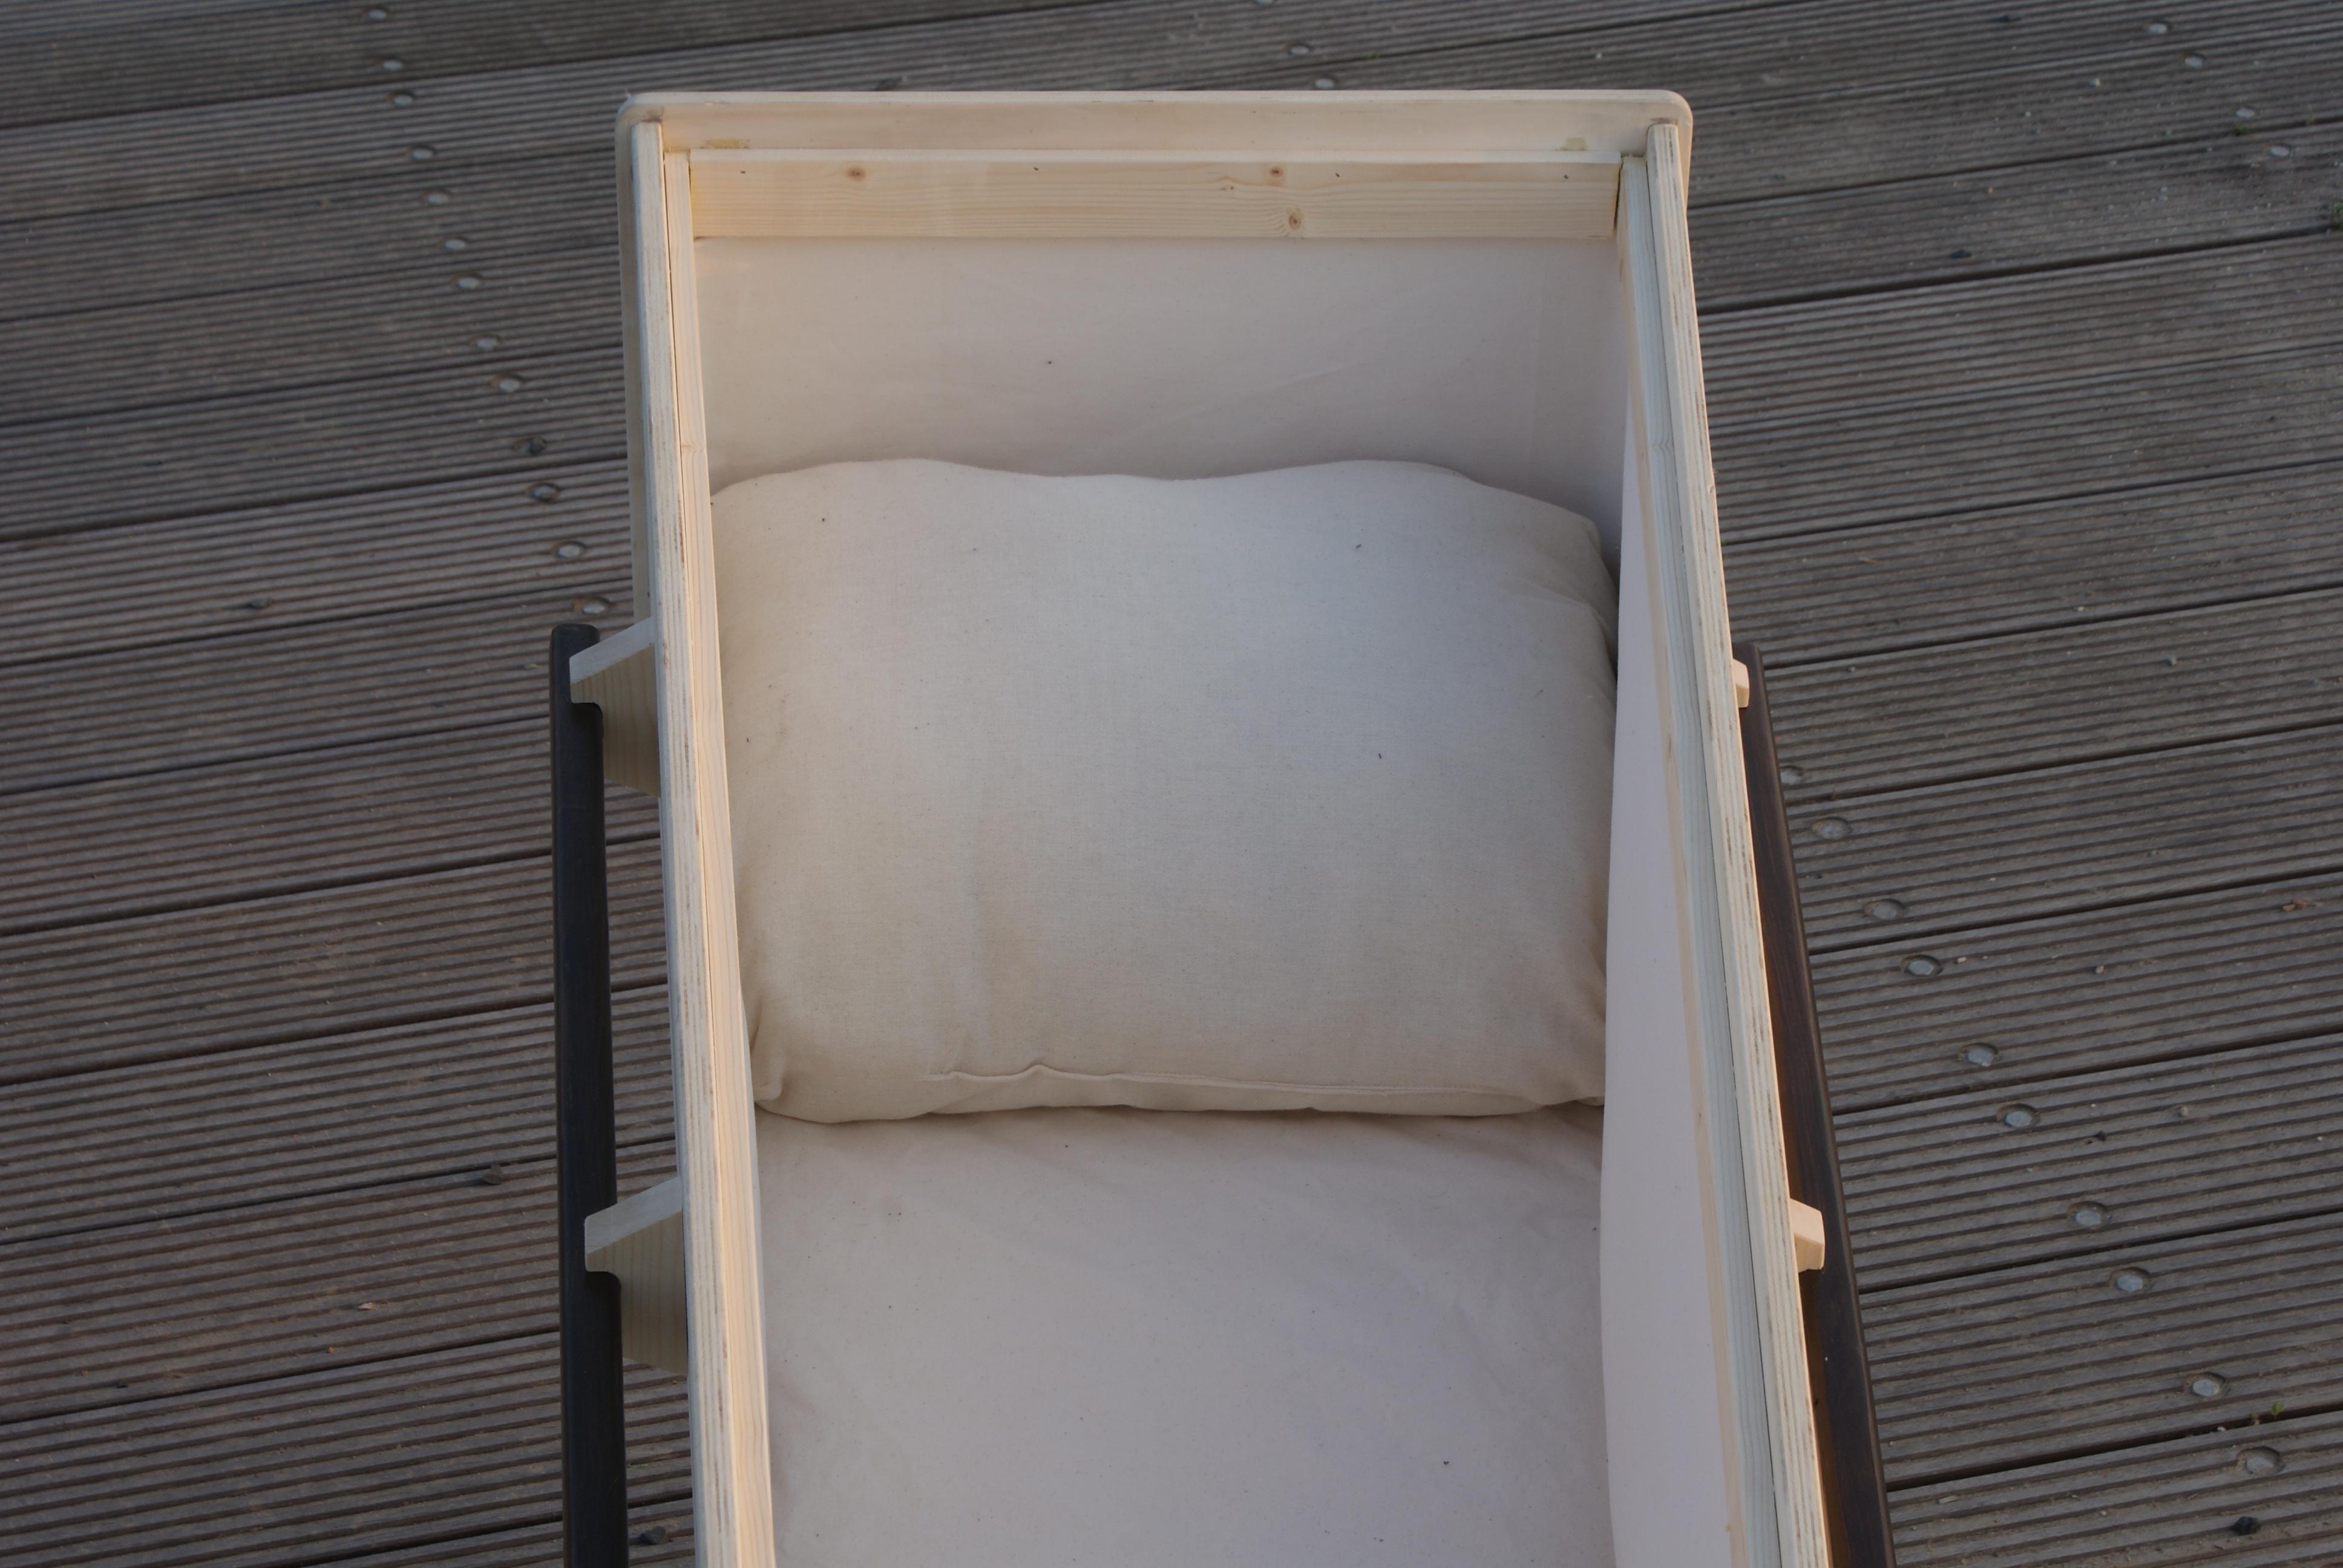 Kist eenvoud interieur - LUX atelier